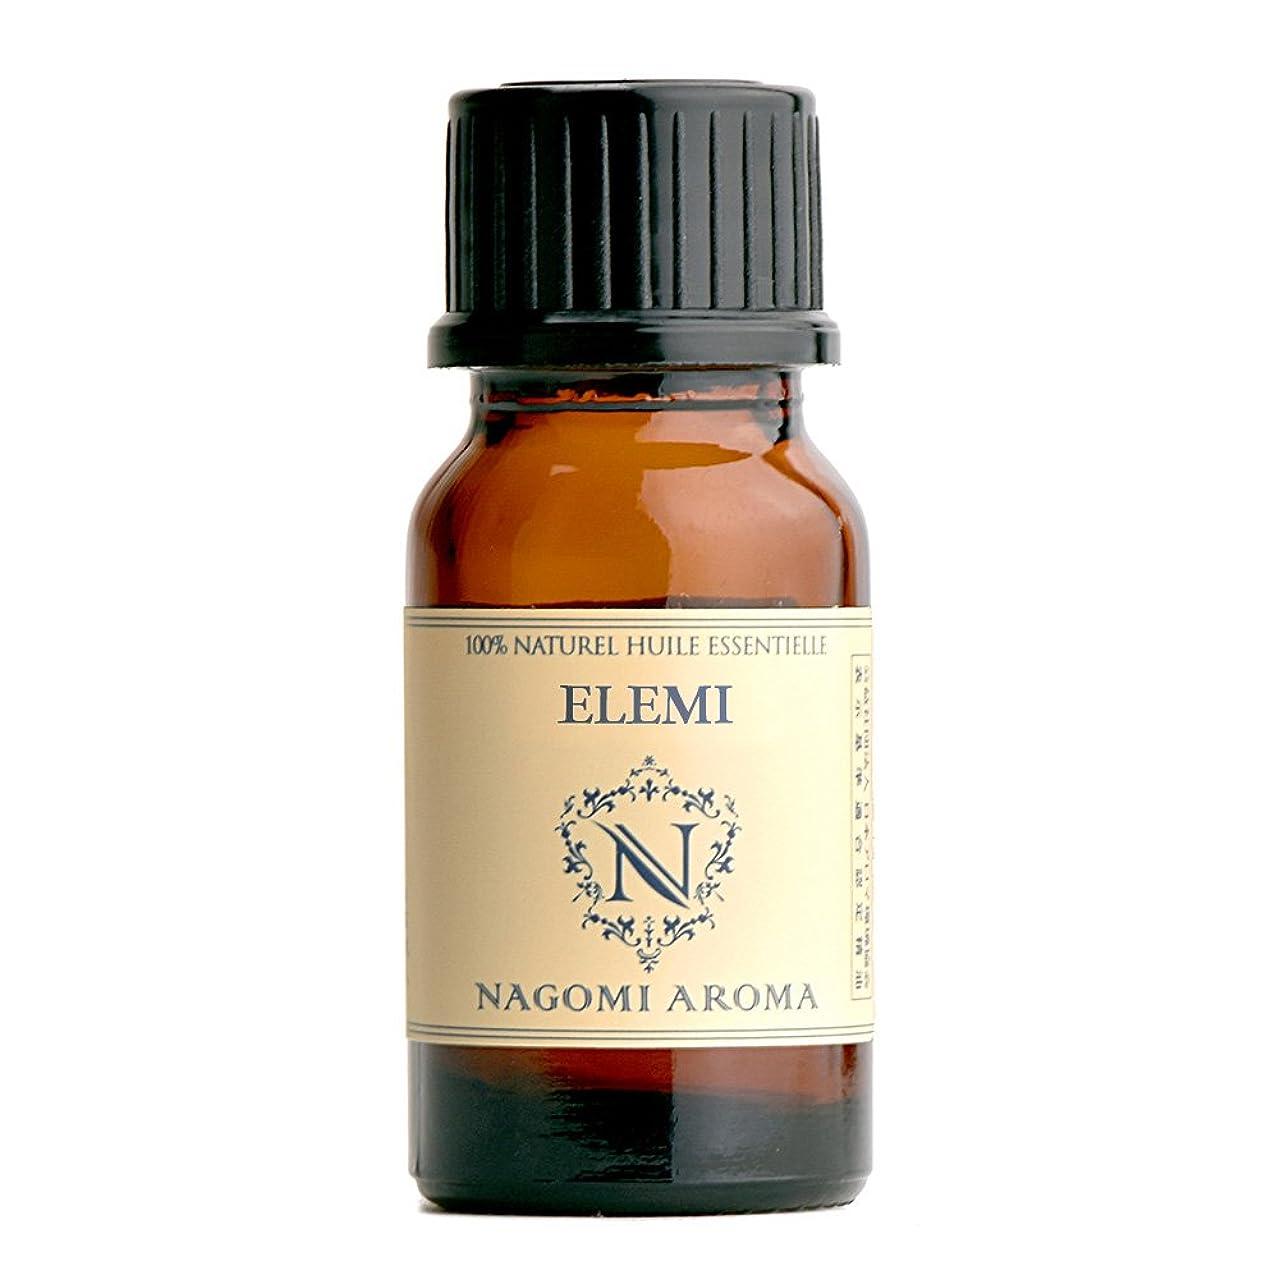 肥料最少手当NAGOMI AROMA エレミ 10ml 【AEAJ認定精油】【アロマオイル】